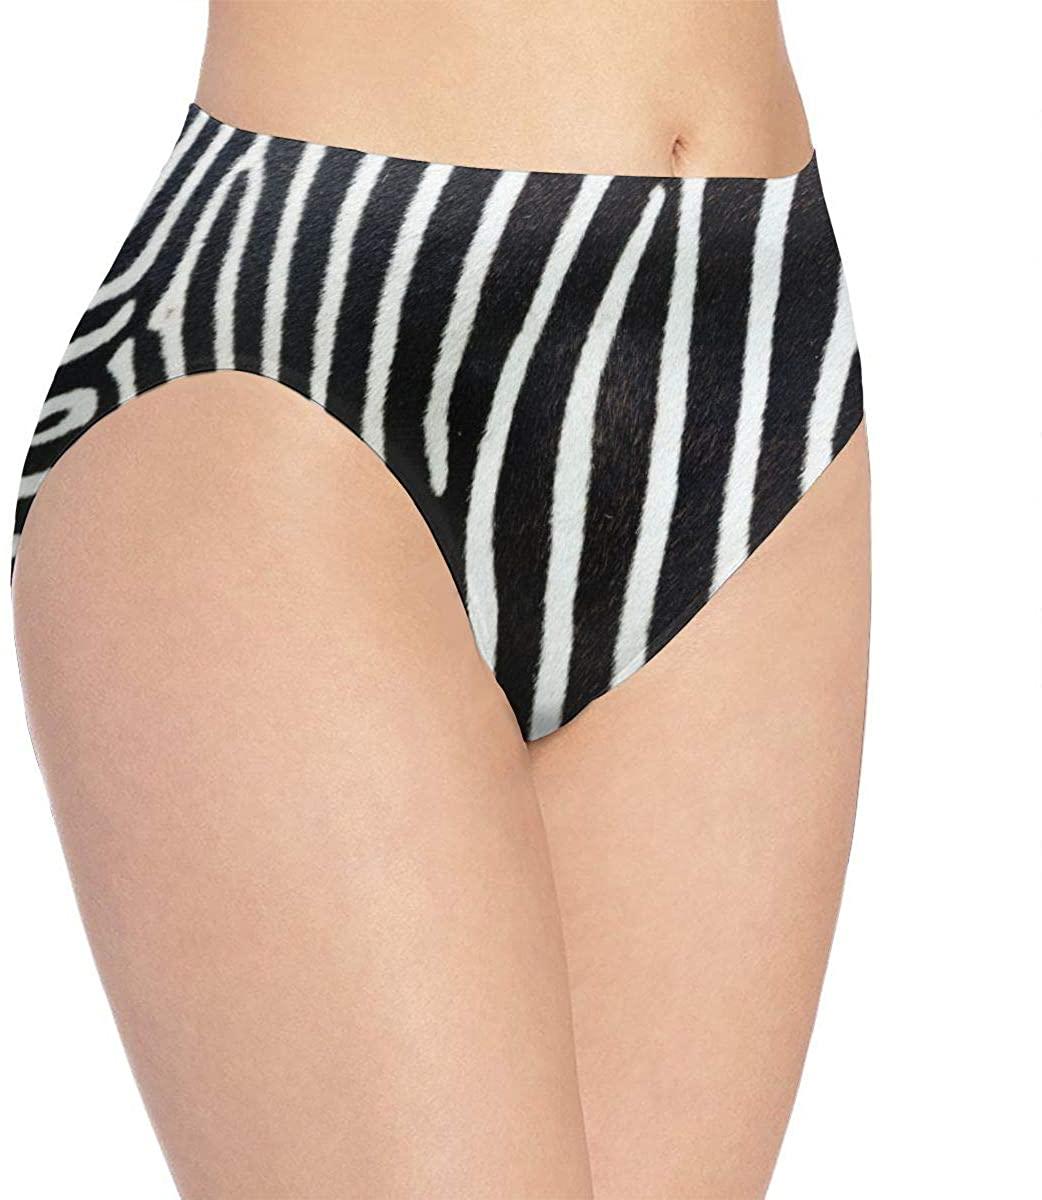 DMoMoMD Women Underwear Zebra Stripes Briefs Soft Sexy Bikini Panties